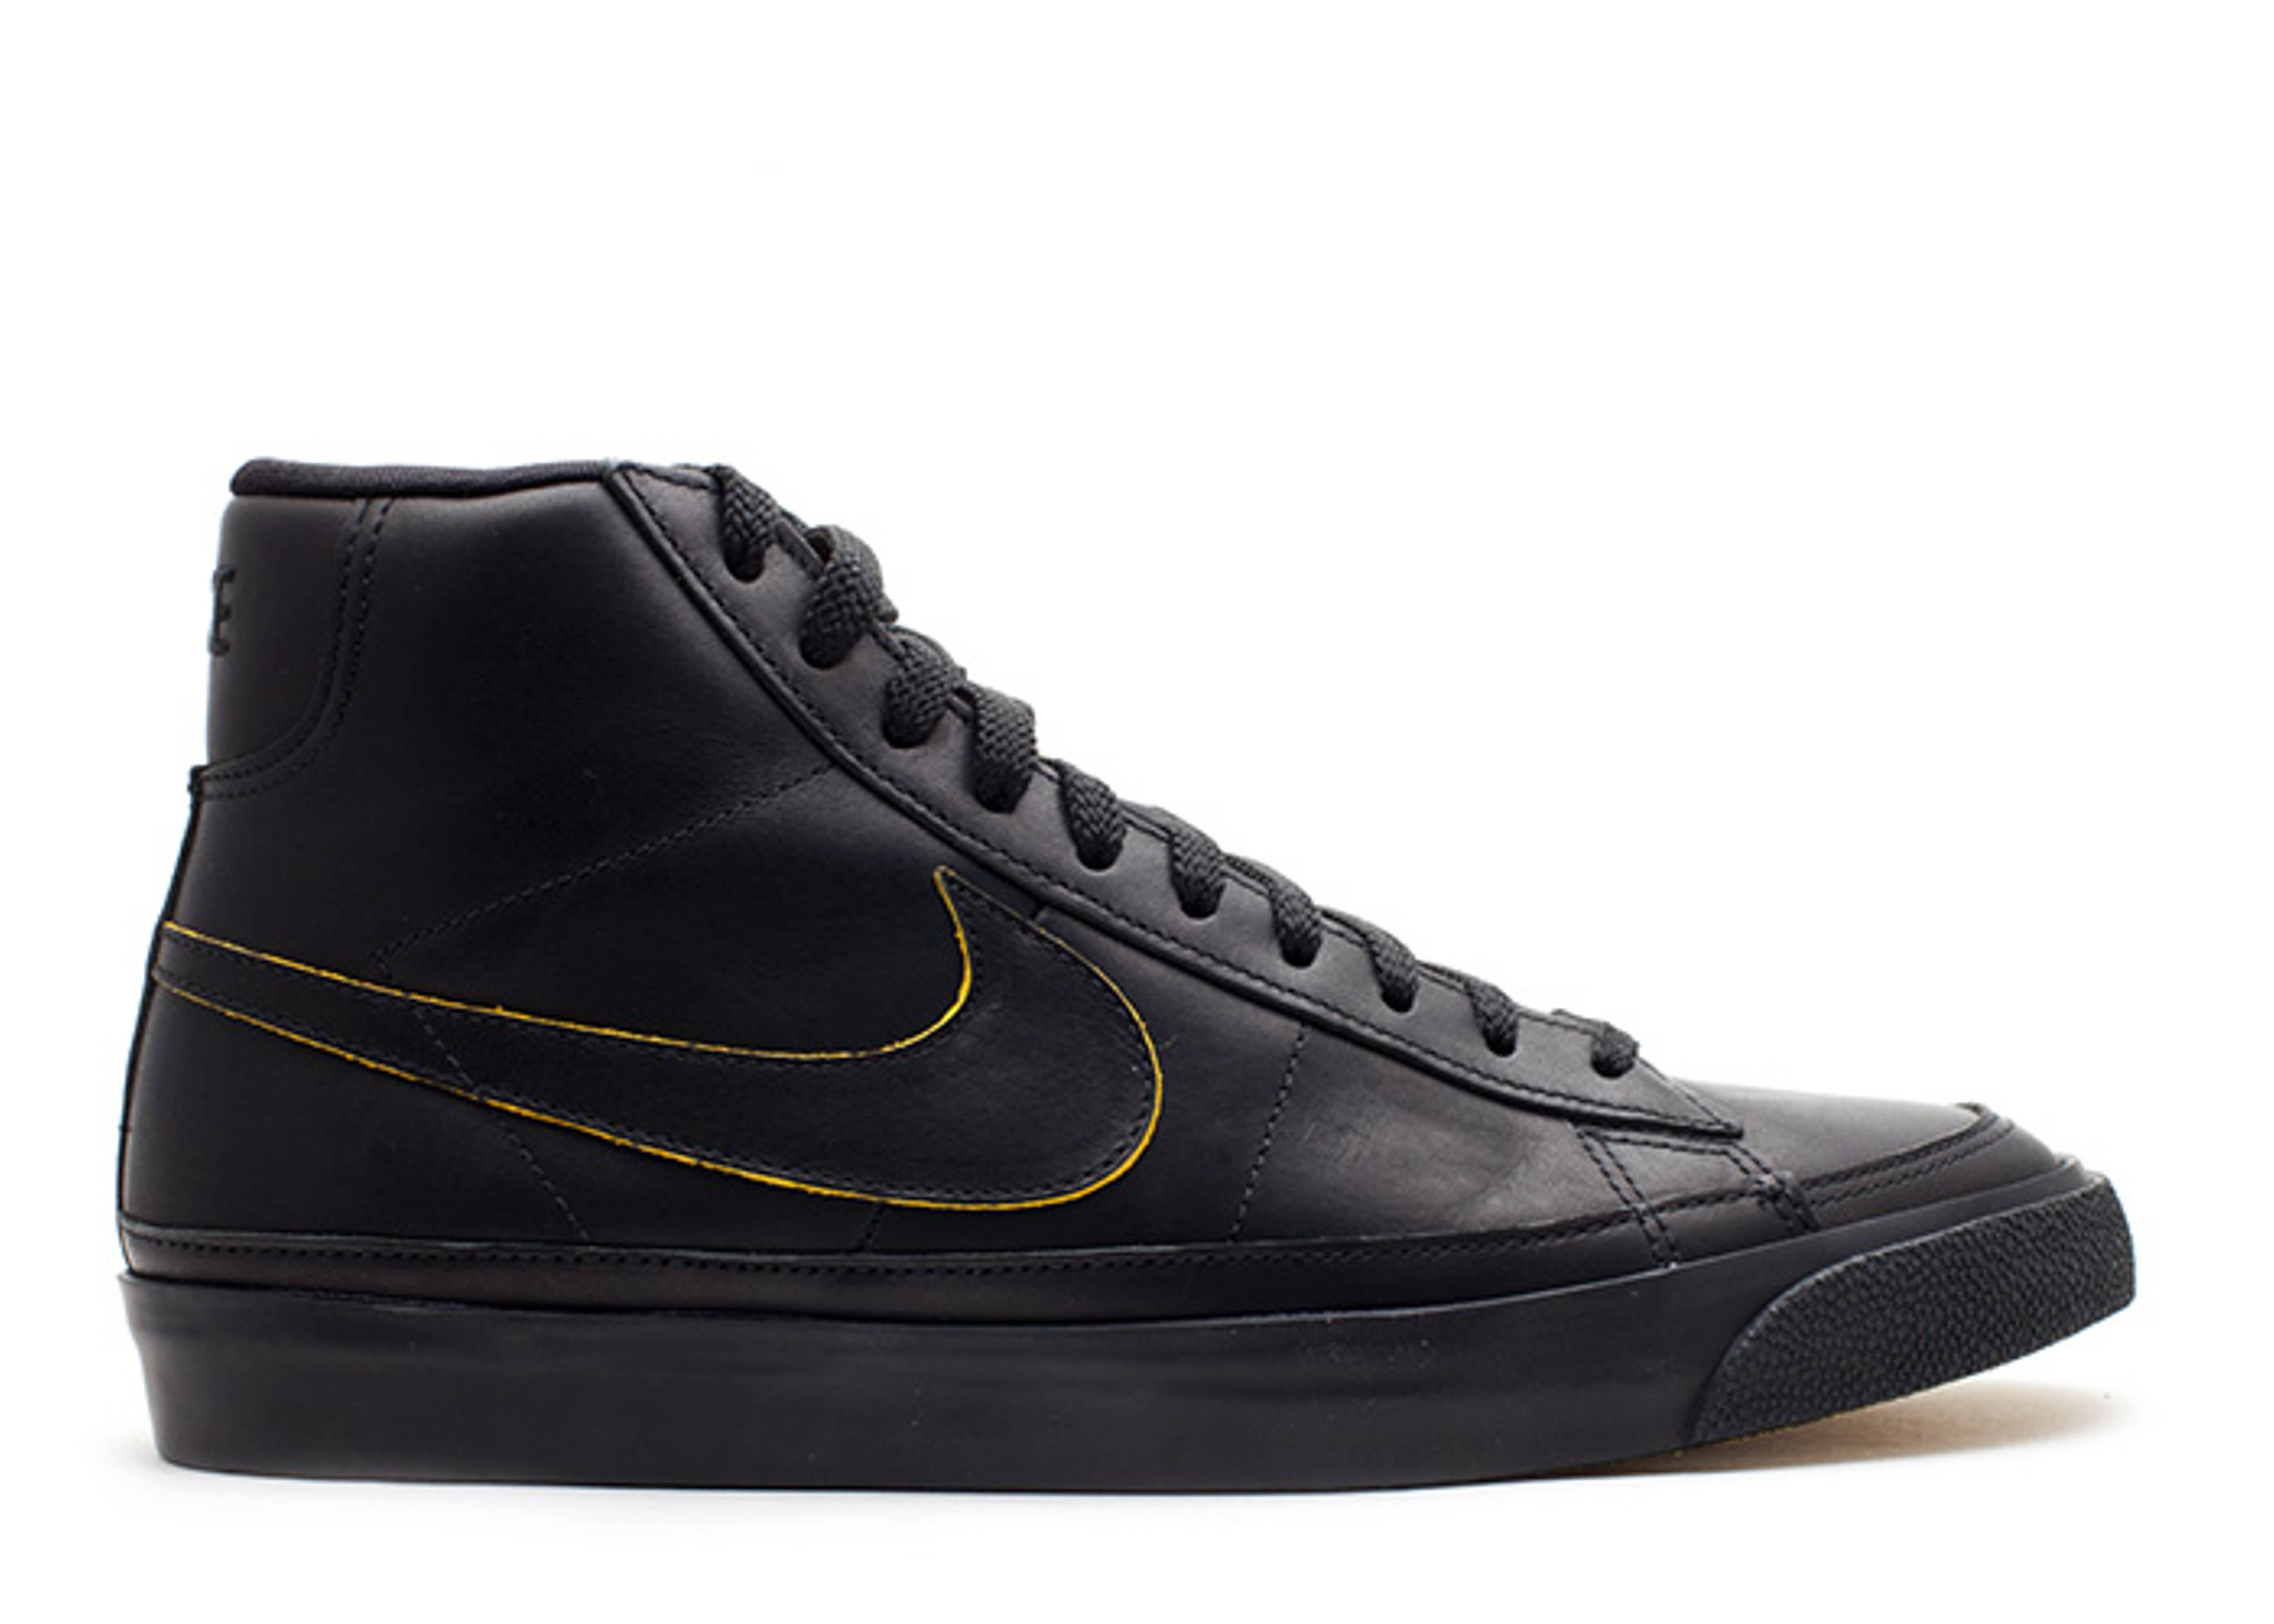 Hommes Nike Blazer Noir Et Vert Mi Club De Formateurs clairance site officiel meilleur endroit agréable la sortie authentique eE7djC